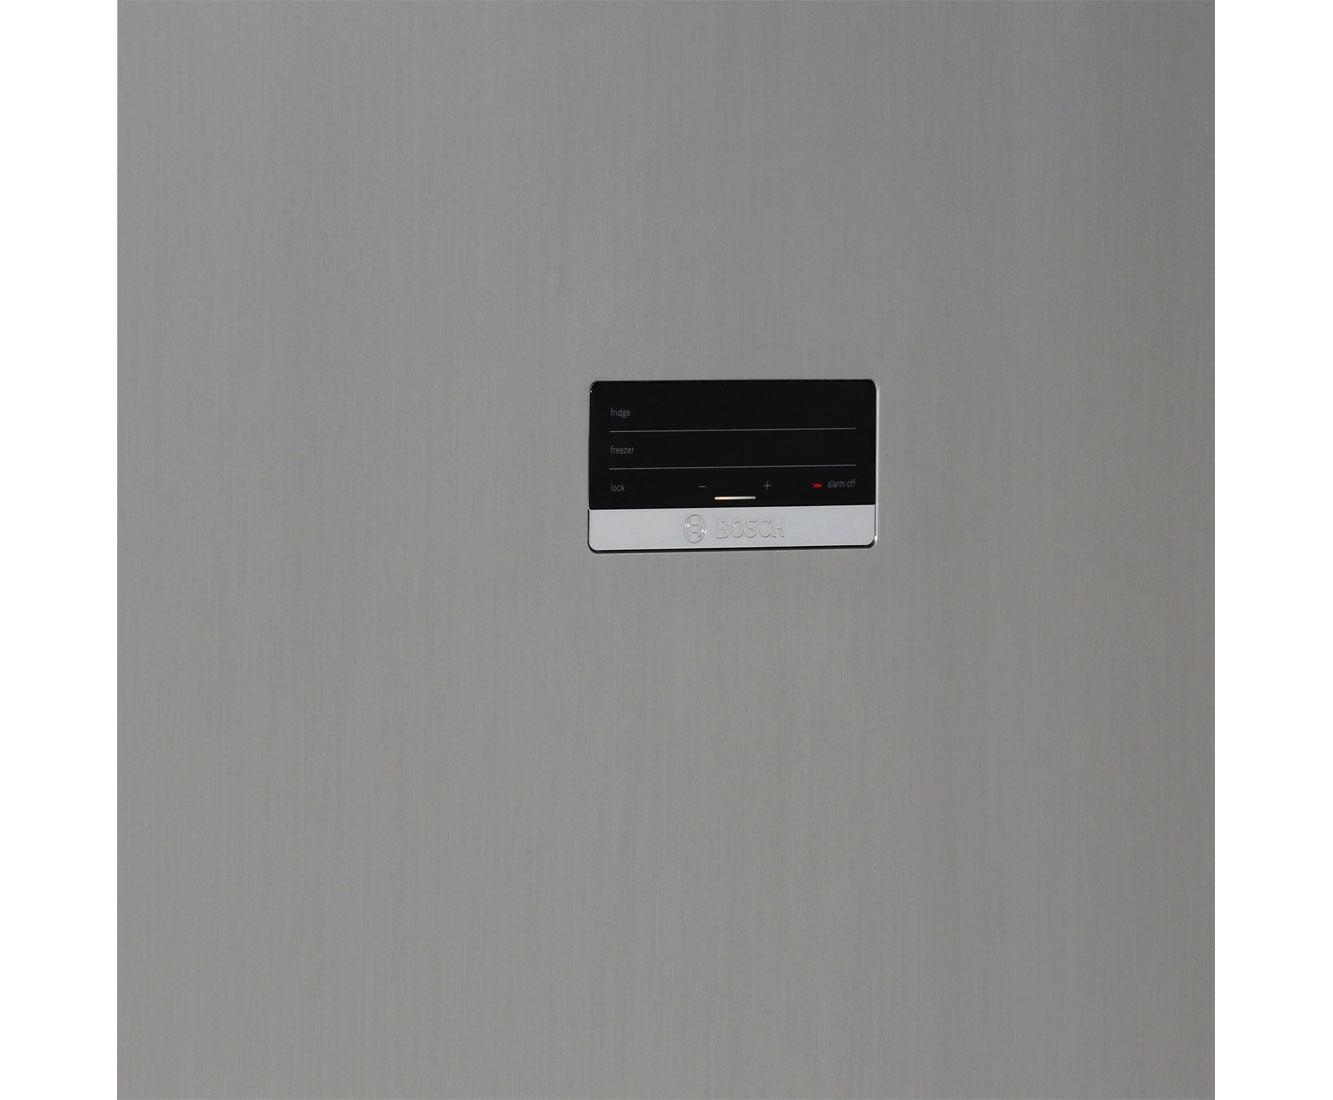 Bosch Kühlschrank Alarm Leuchtet : Bosch serie 4 kgn39xl35 kühl gefrierkombination mit no frost 60er